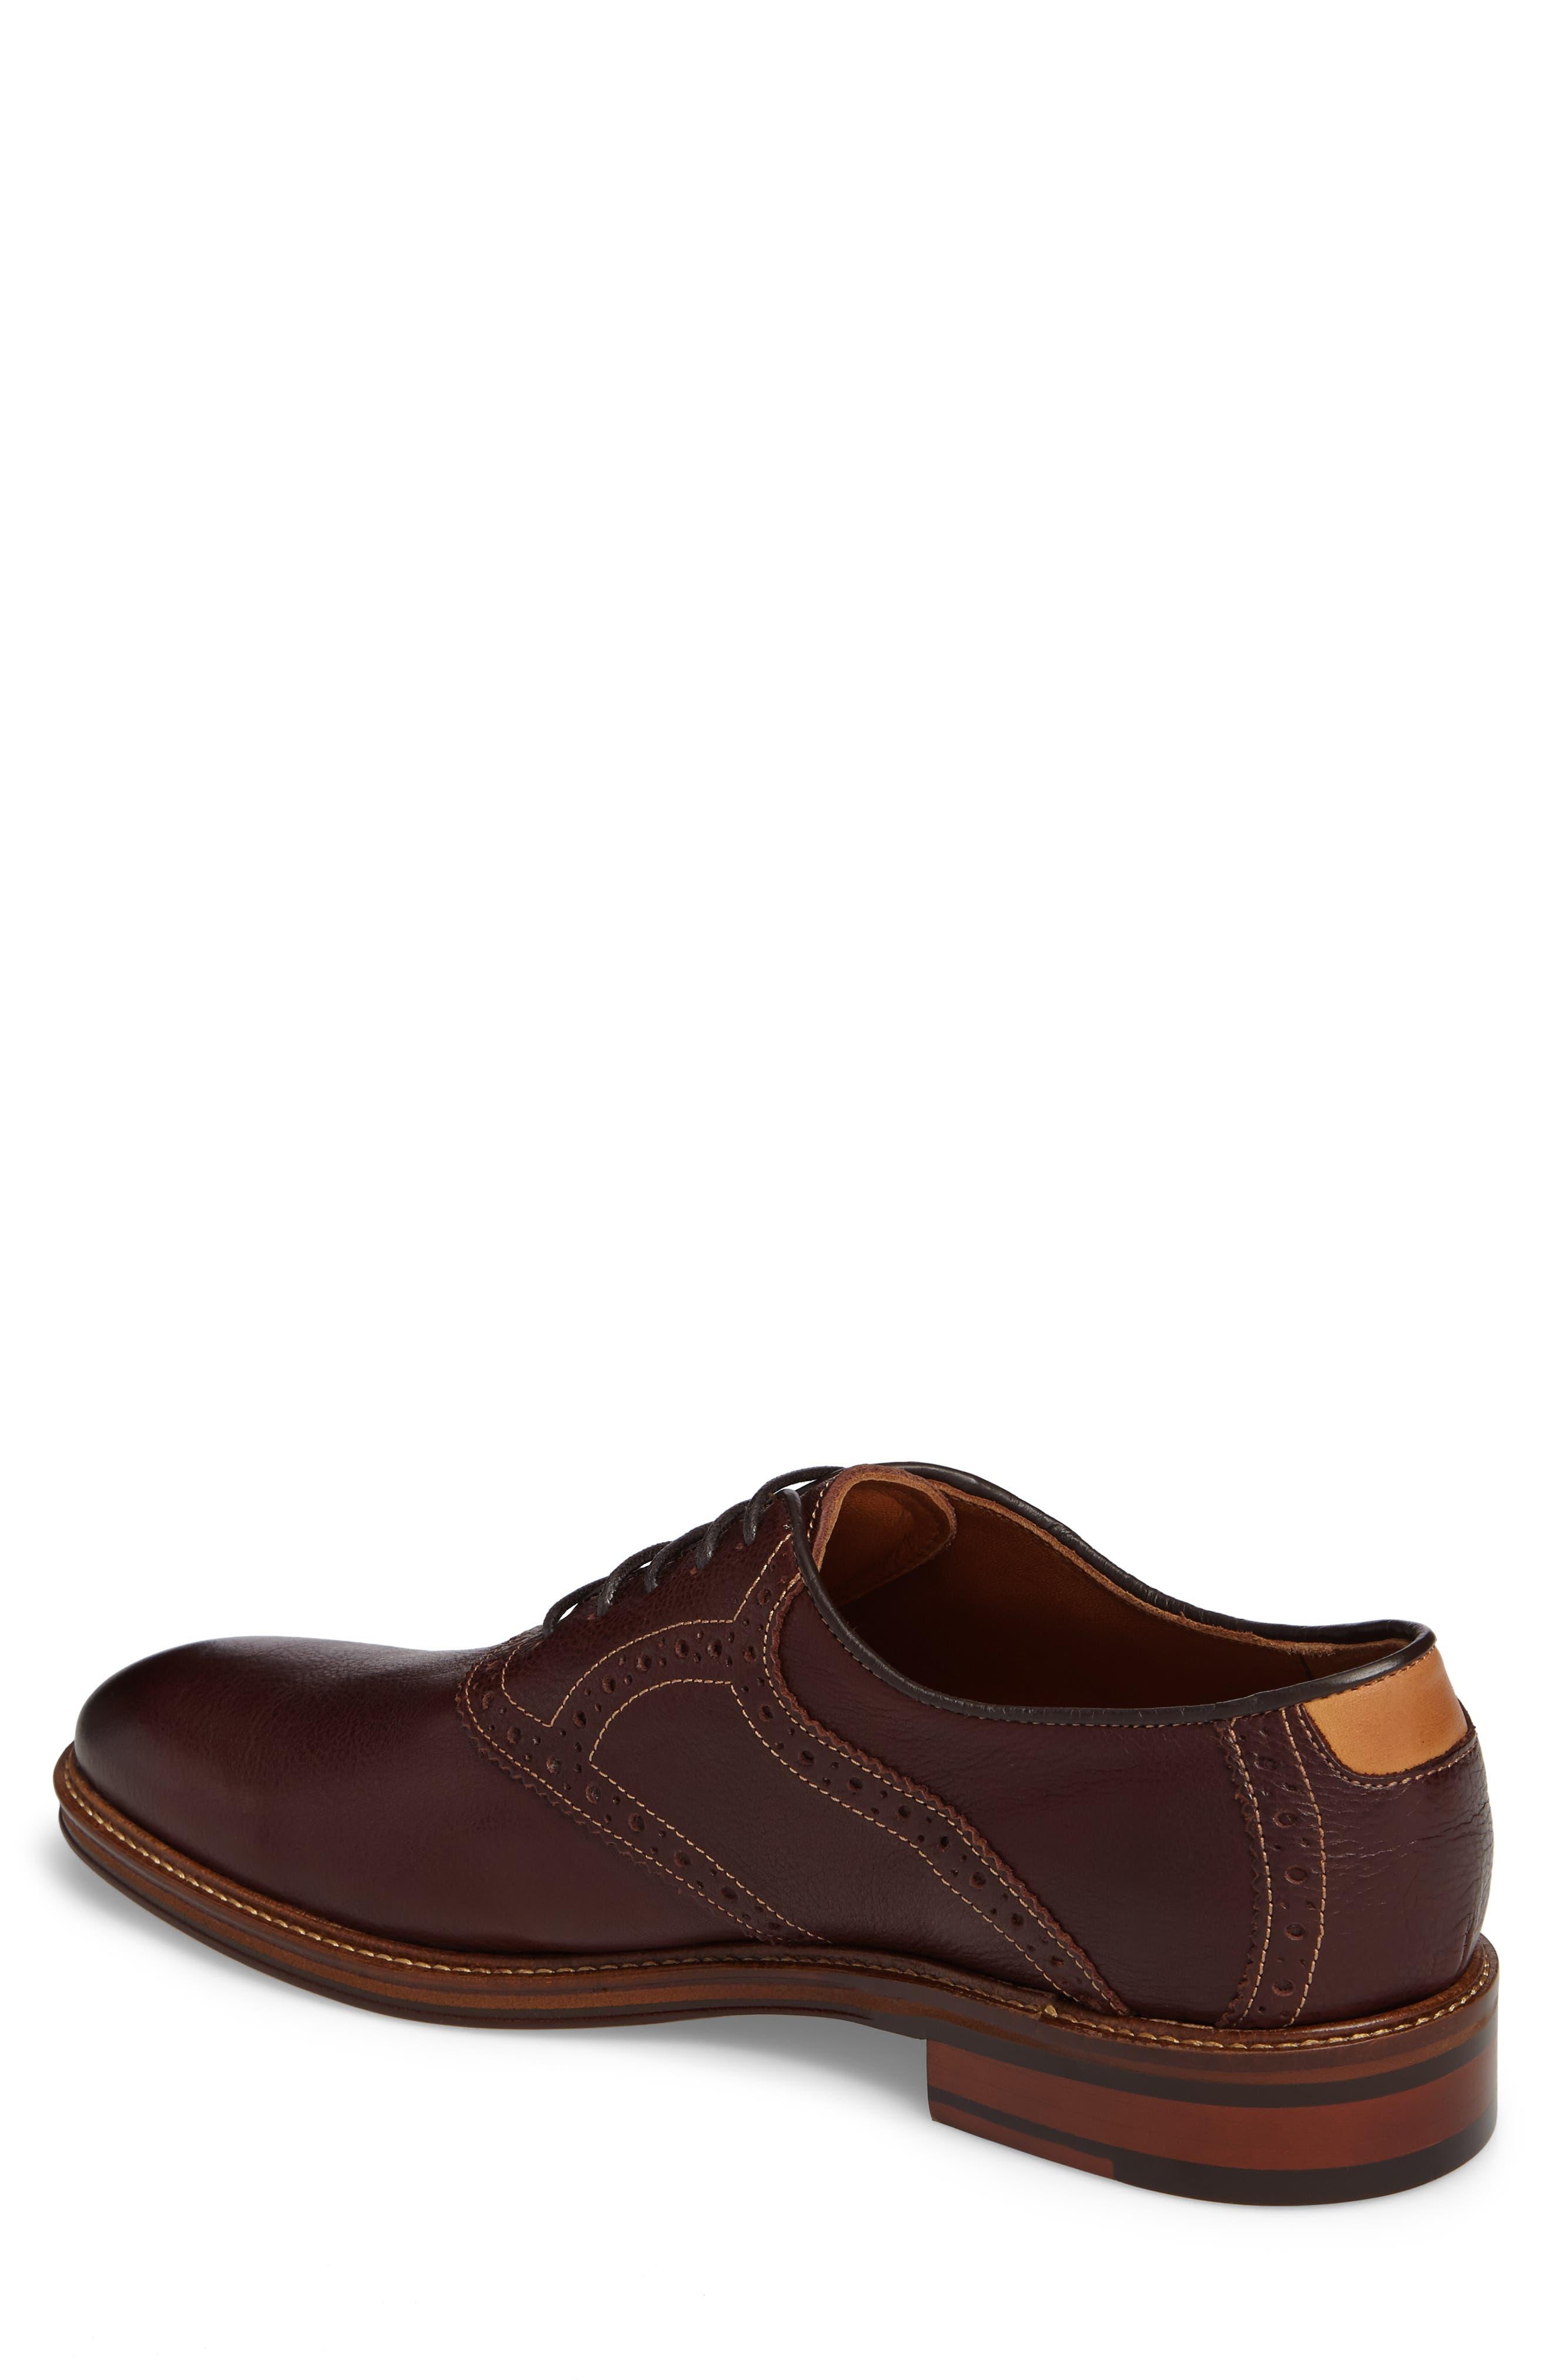 Alternate Image 2  - Johnston & Murphy Warner Saddle Shoe (Men)